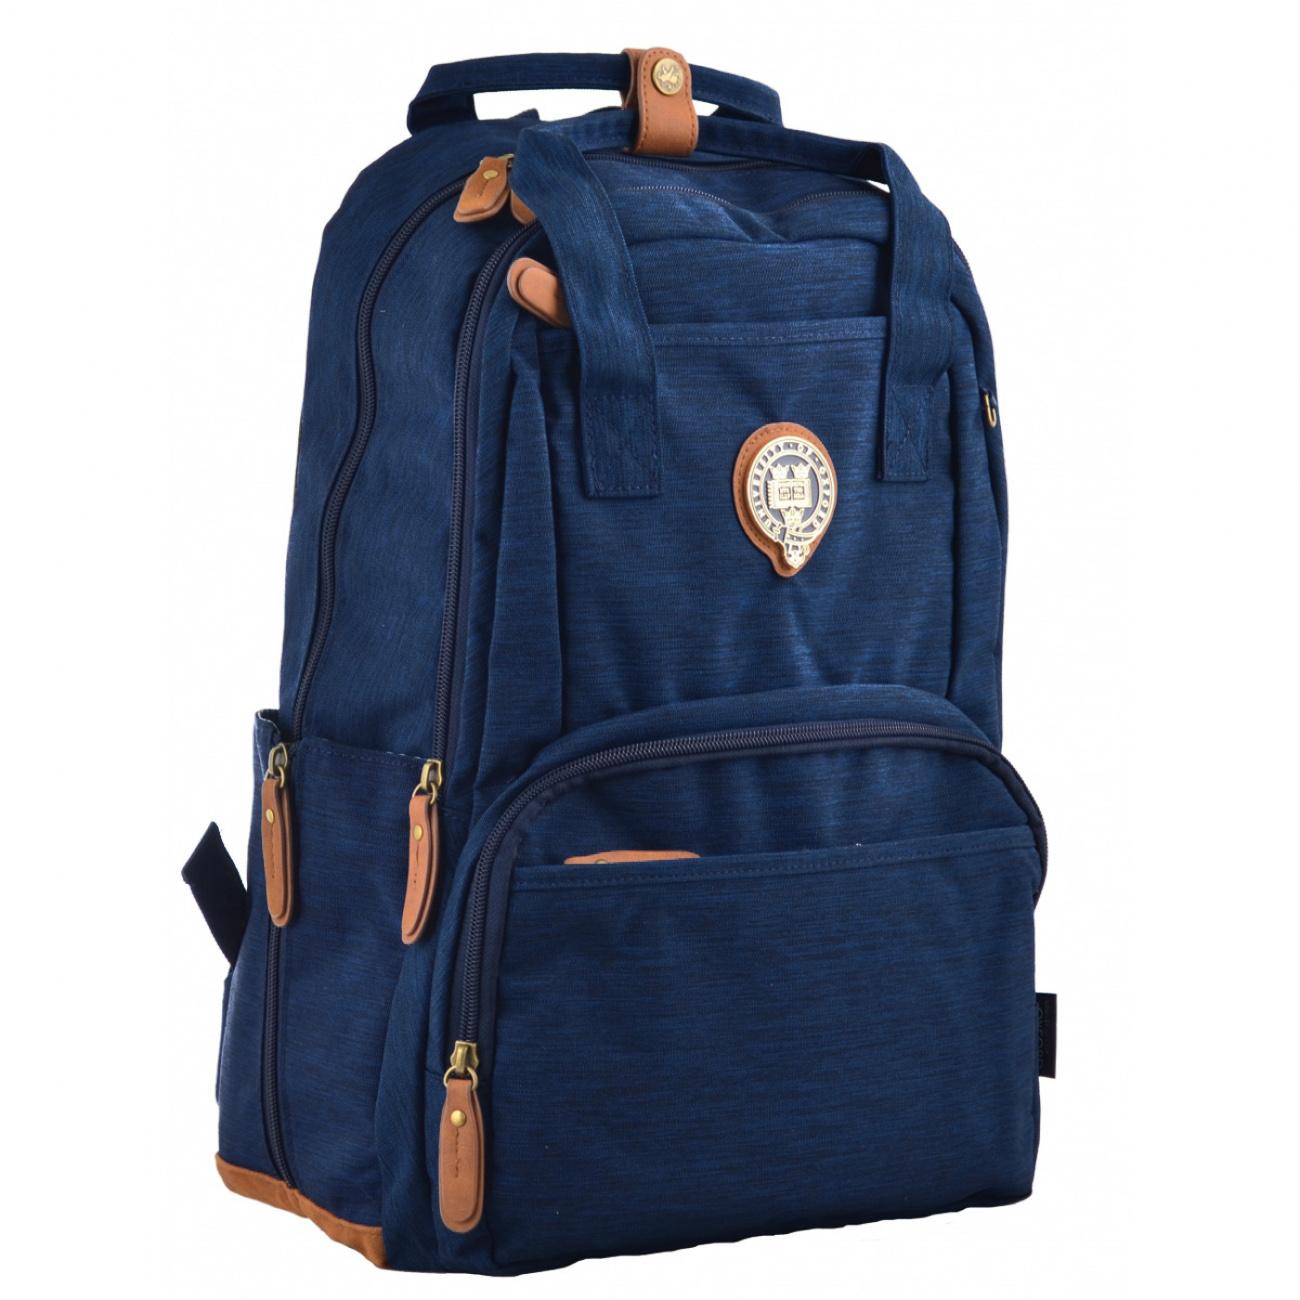 Рюкзак молодежный OX 343, 45*29.5*14, синий